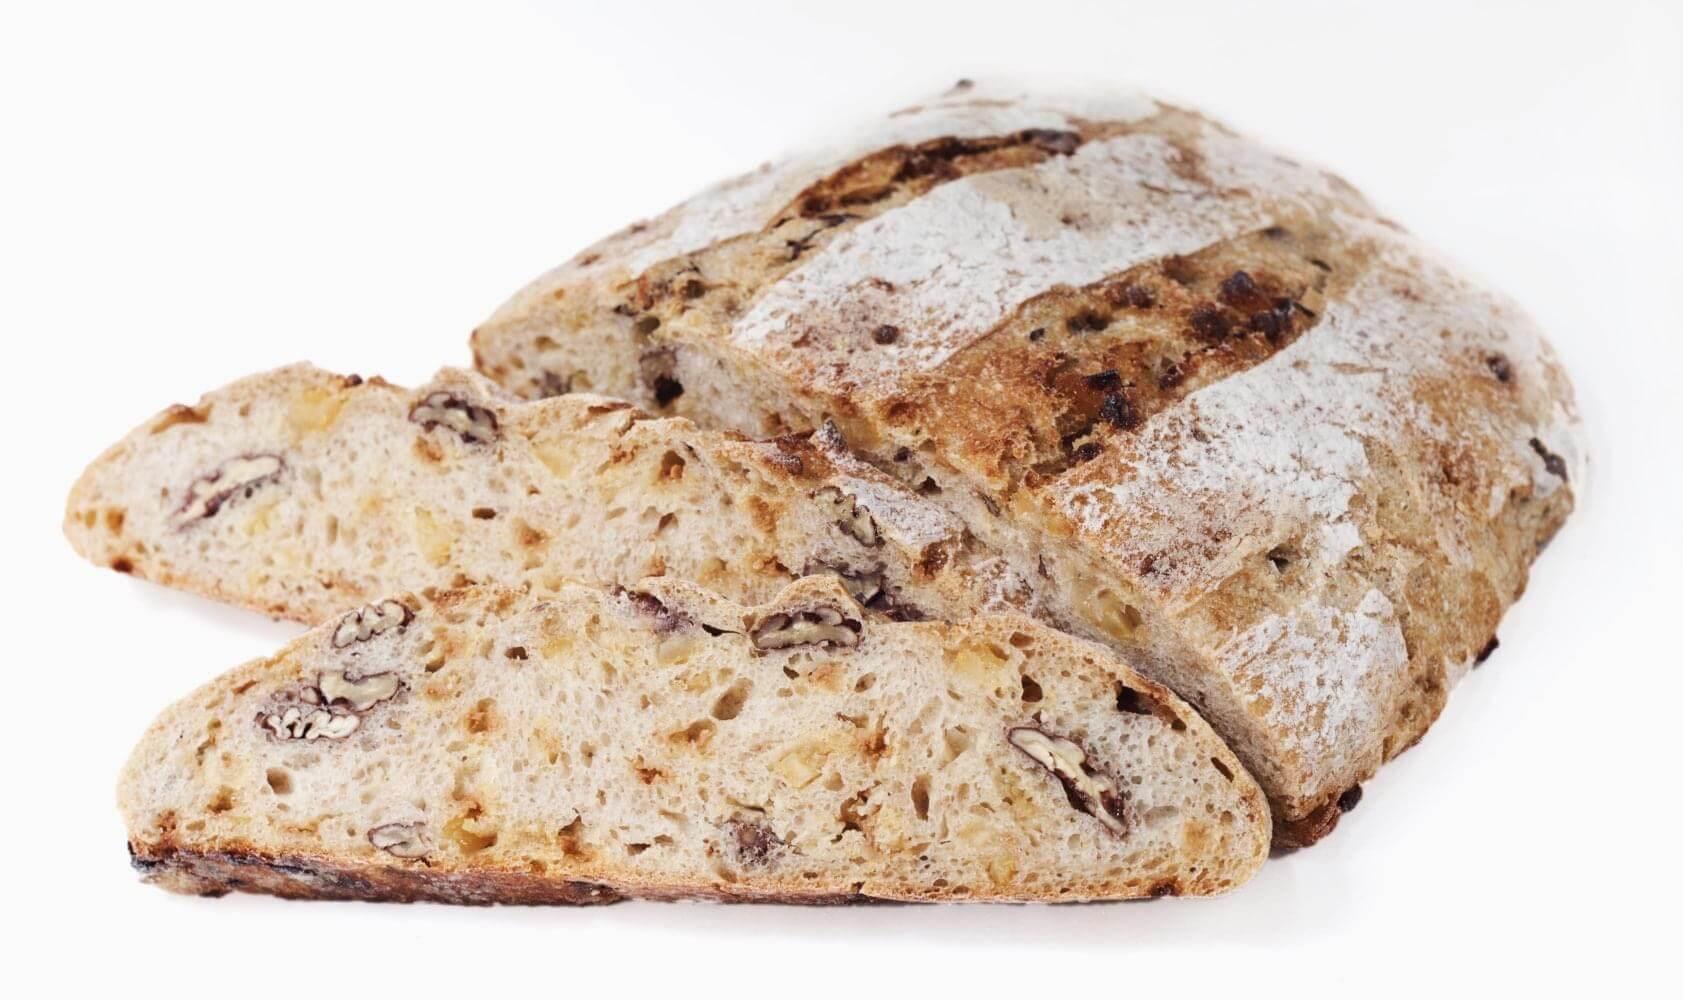 パンのフェス,まとめ,パン,イベント,おすすめ,人気,限定